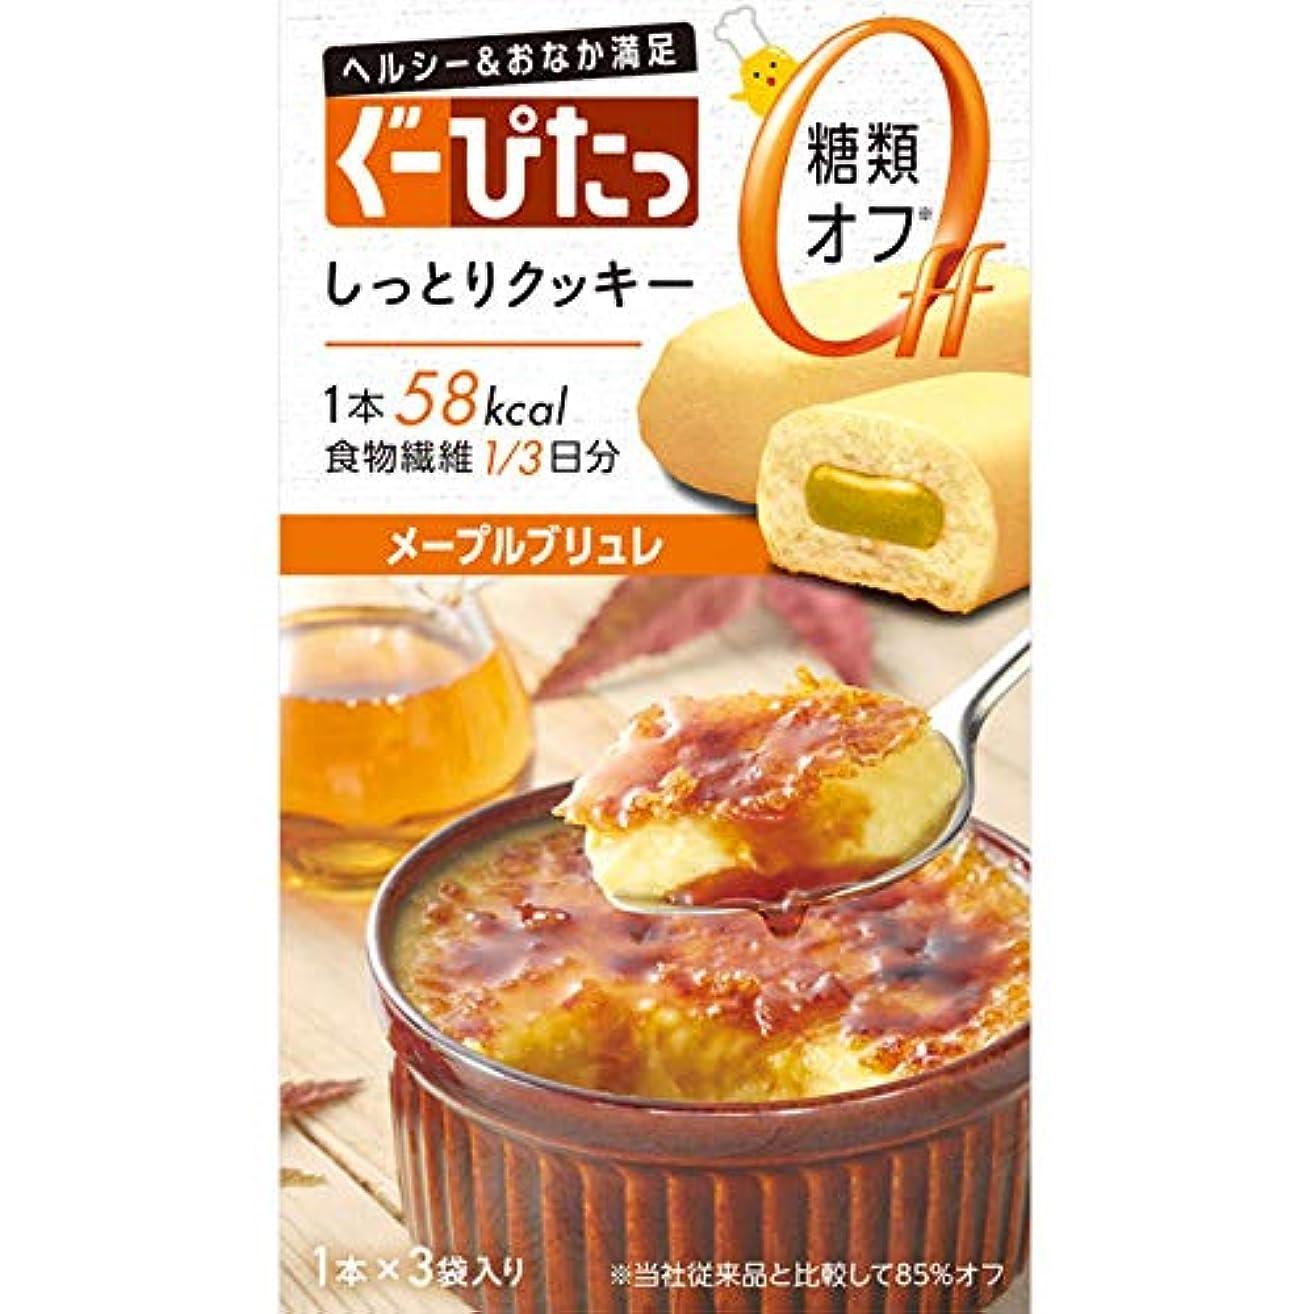 ミスペンドゆるくモザイクナリスアップ ぐーぴたっ しっとりクッキー メープルブリュレ (3本) ダイエット食品